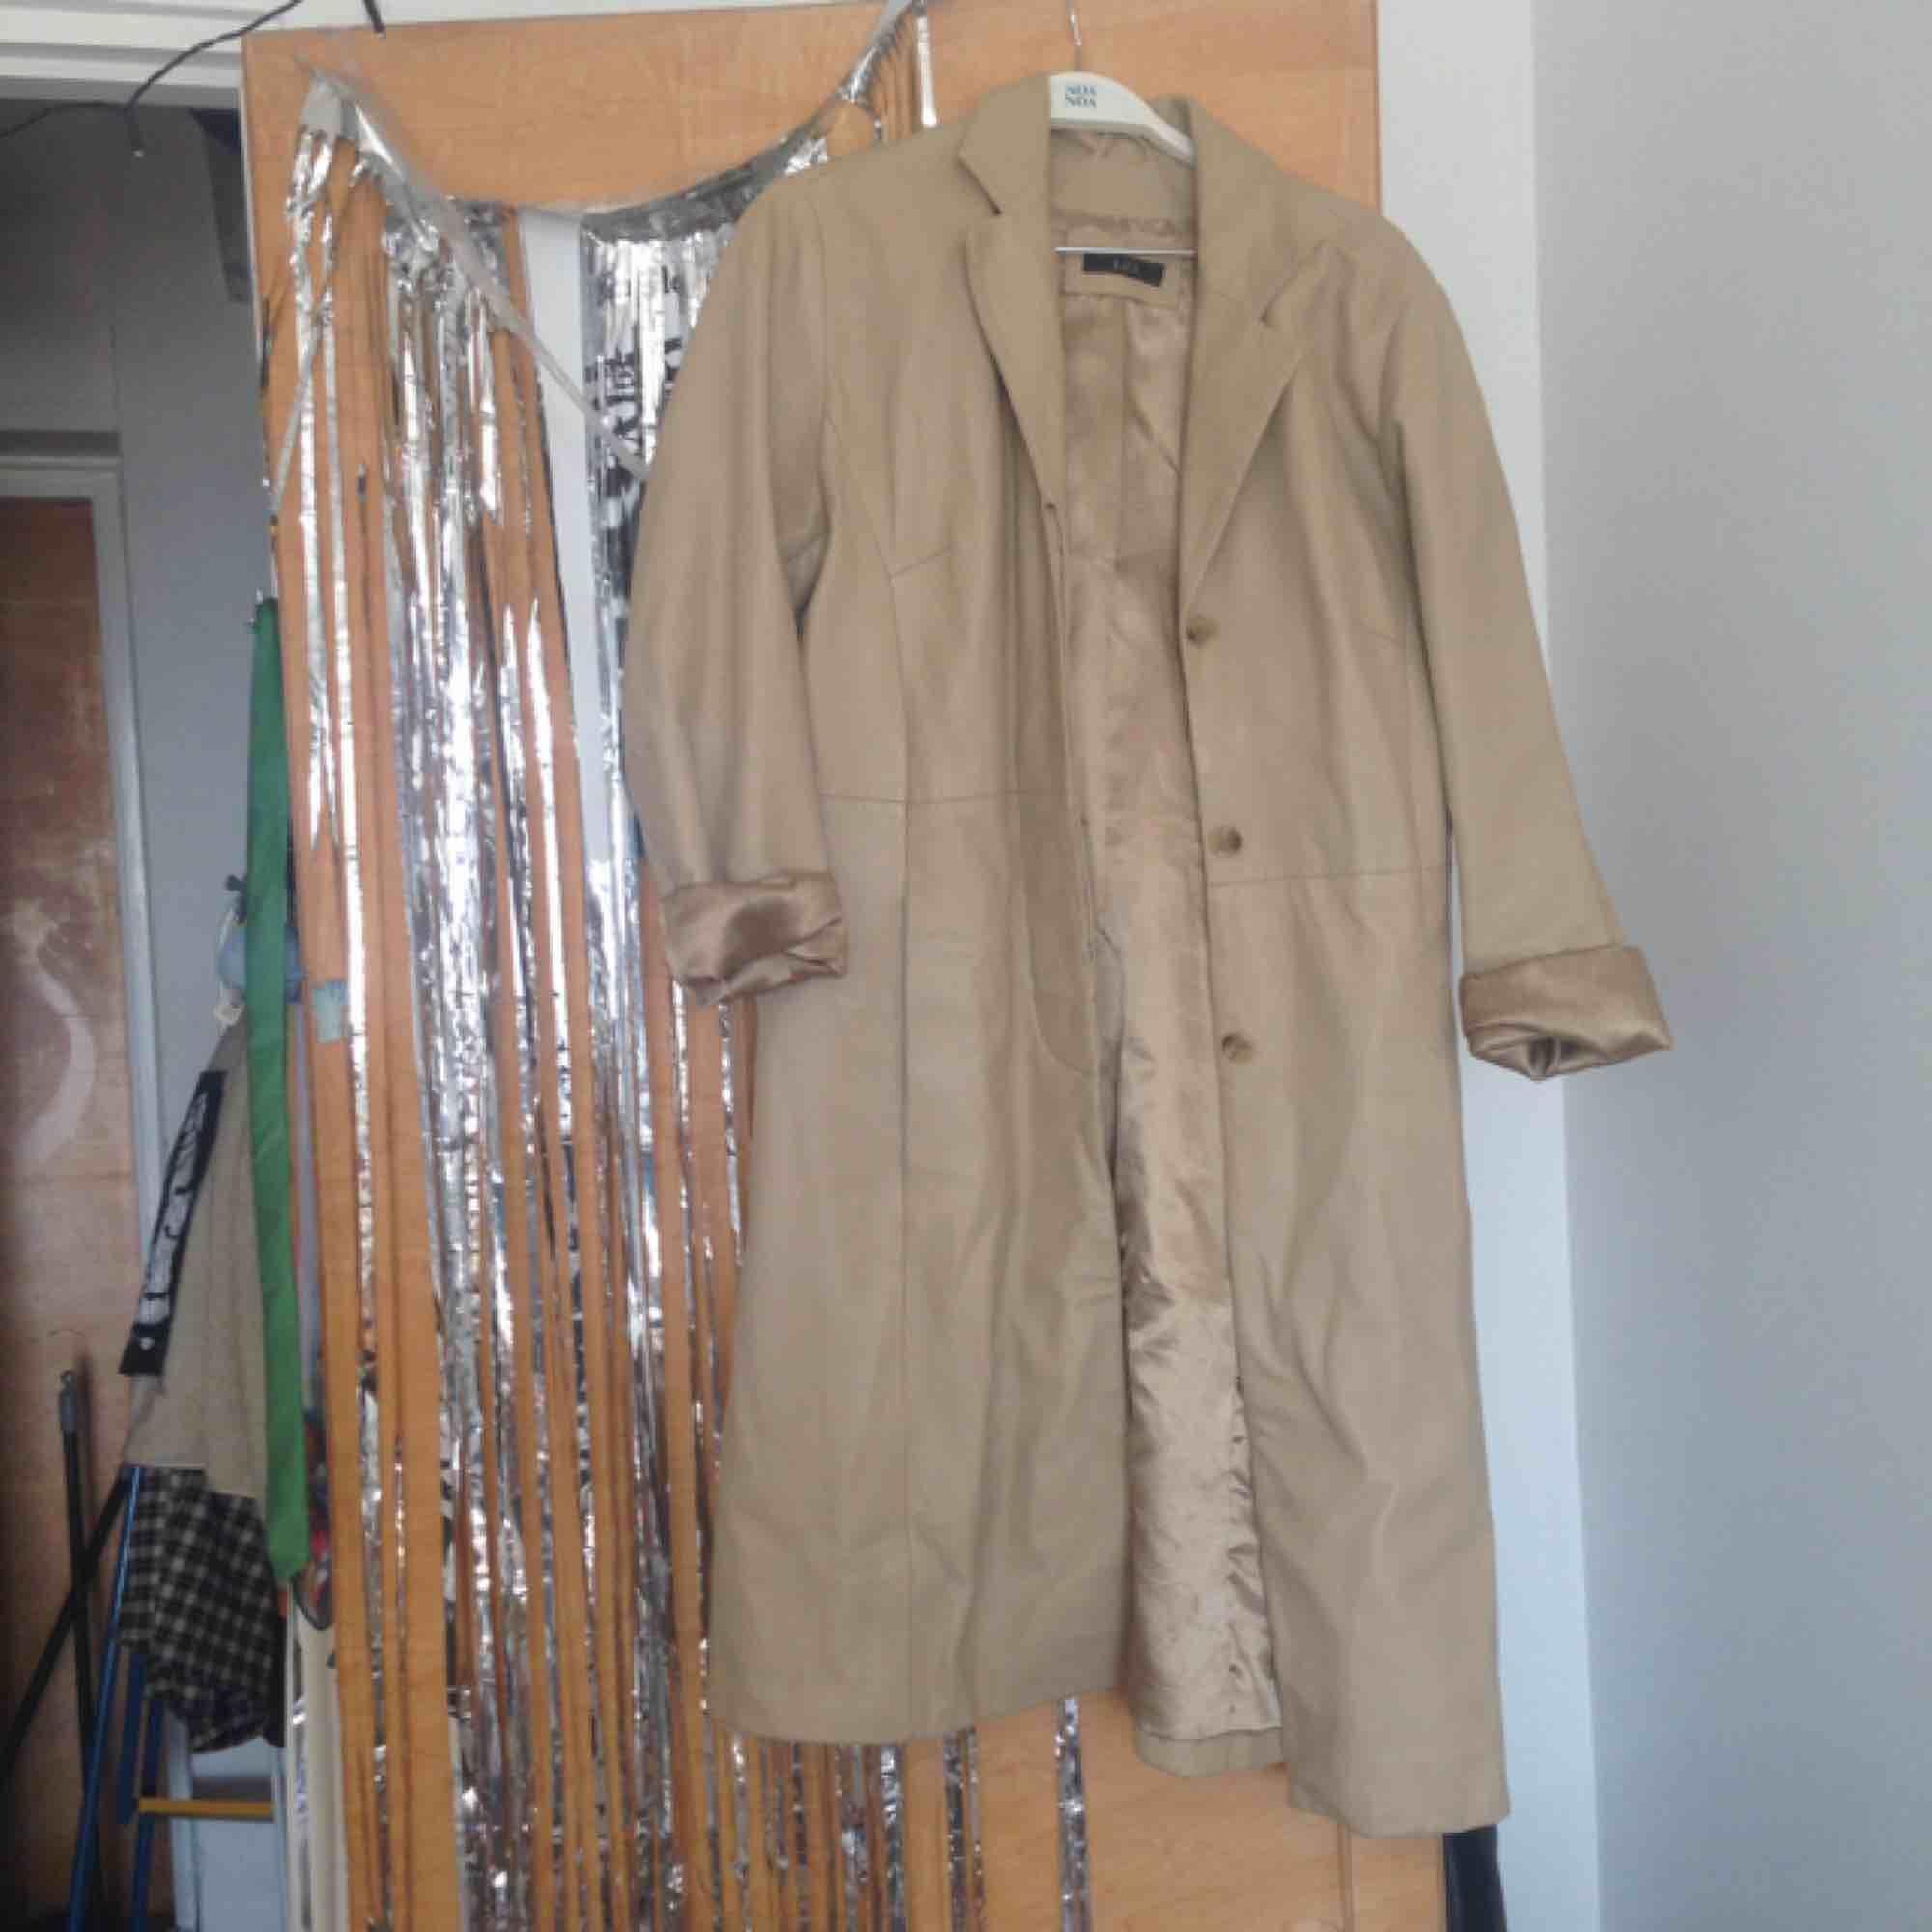 Jättefin jacka i äkta läder. Sparsamt använt. Kom gärna med funderingar!❤️❤️❤️. Jackor.